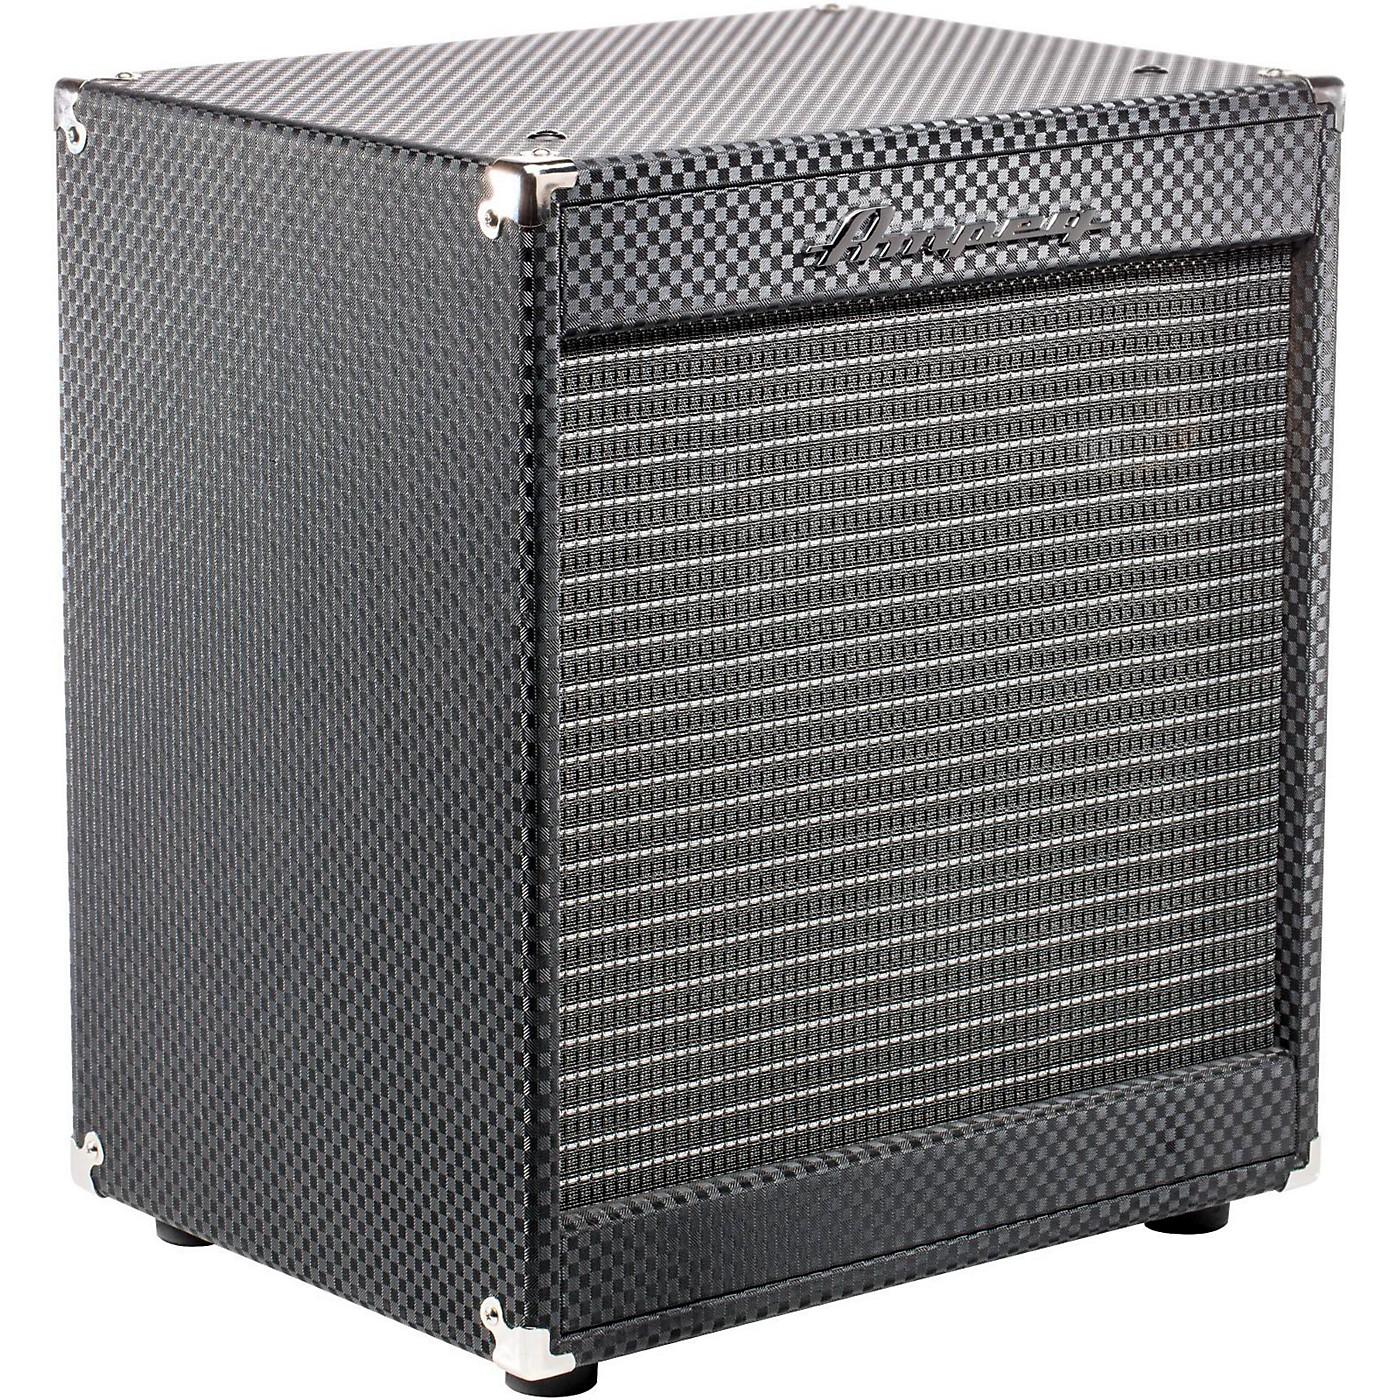 Ampeg PF-112HLF Portaflex 200W 1x12 Bass Speaker Cabinet thumbnail